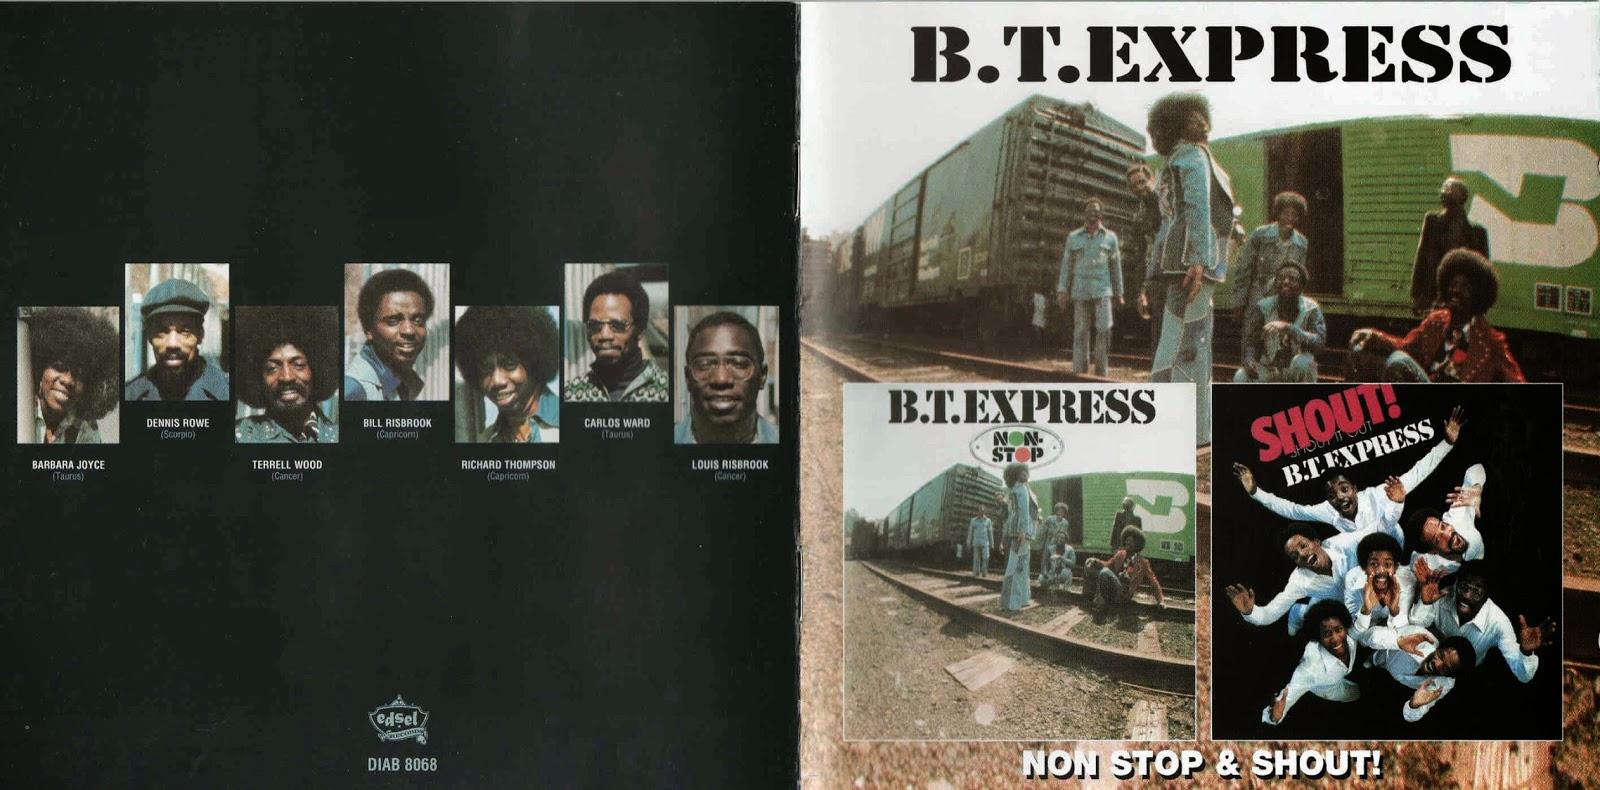 B. T. Express